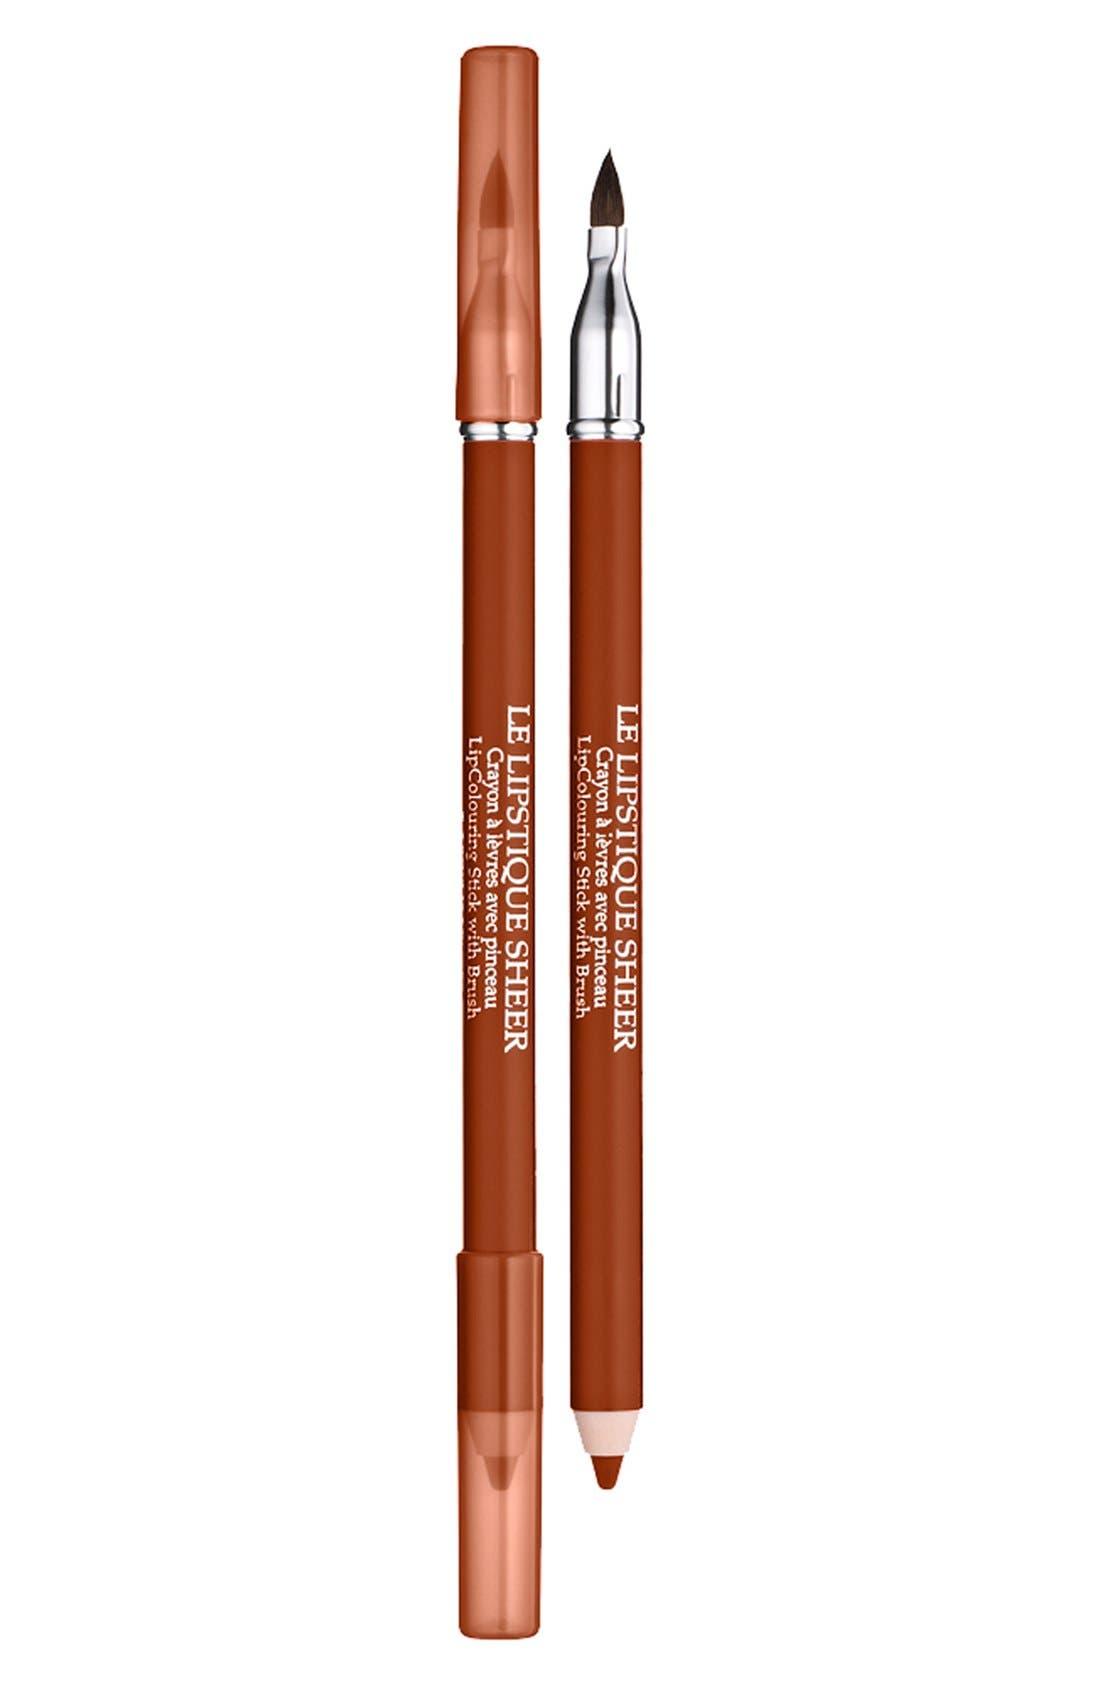 Lancôme Le Lipstique Dual Ended Lip Pencil with Brush